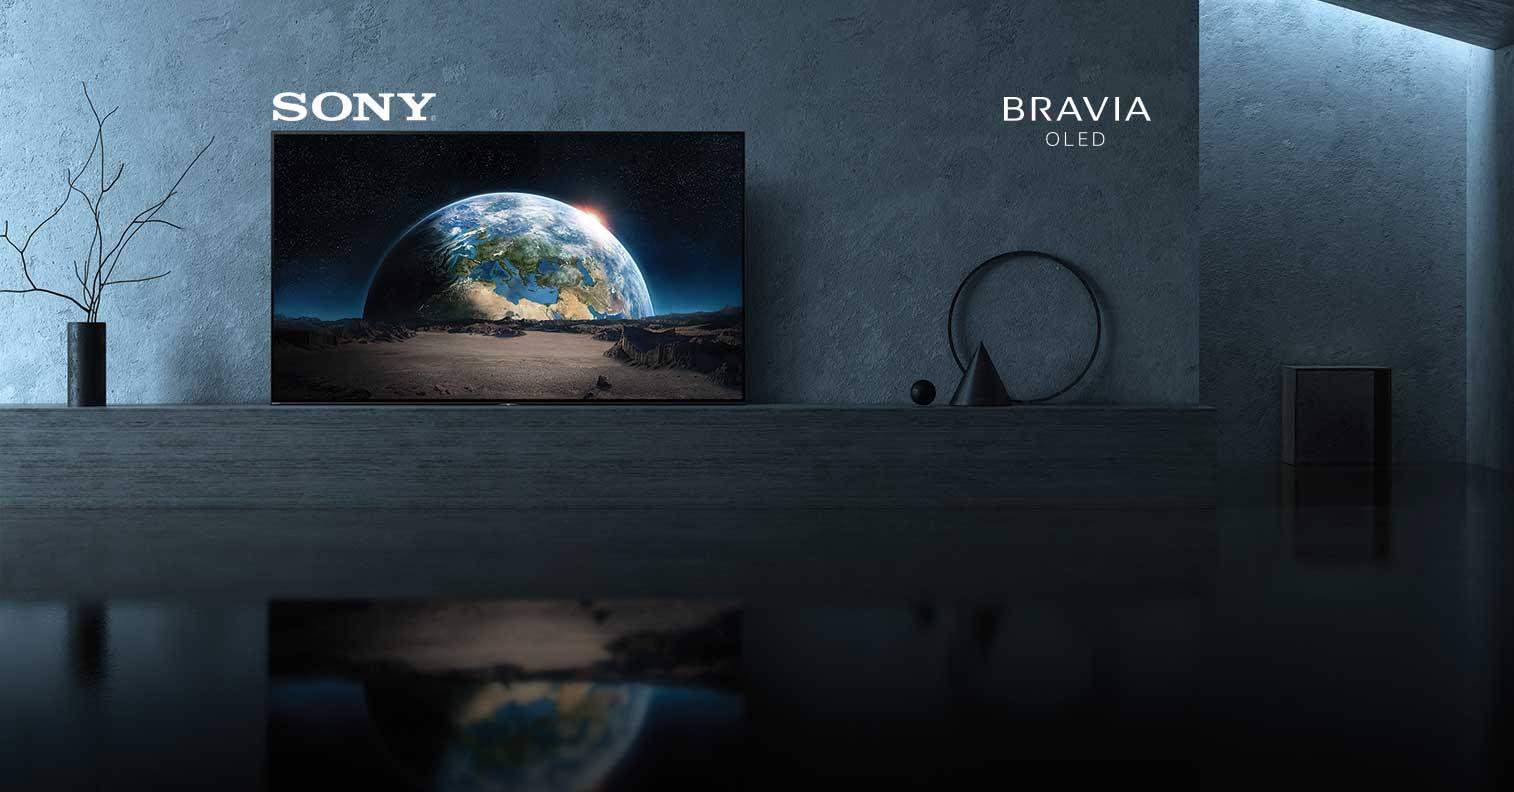 sony bravia oled 4k tv overview best buy blog. Black Bedroom Furniture Sets. Home Design Ideas